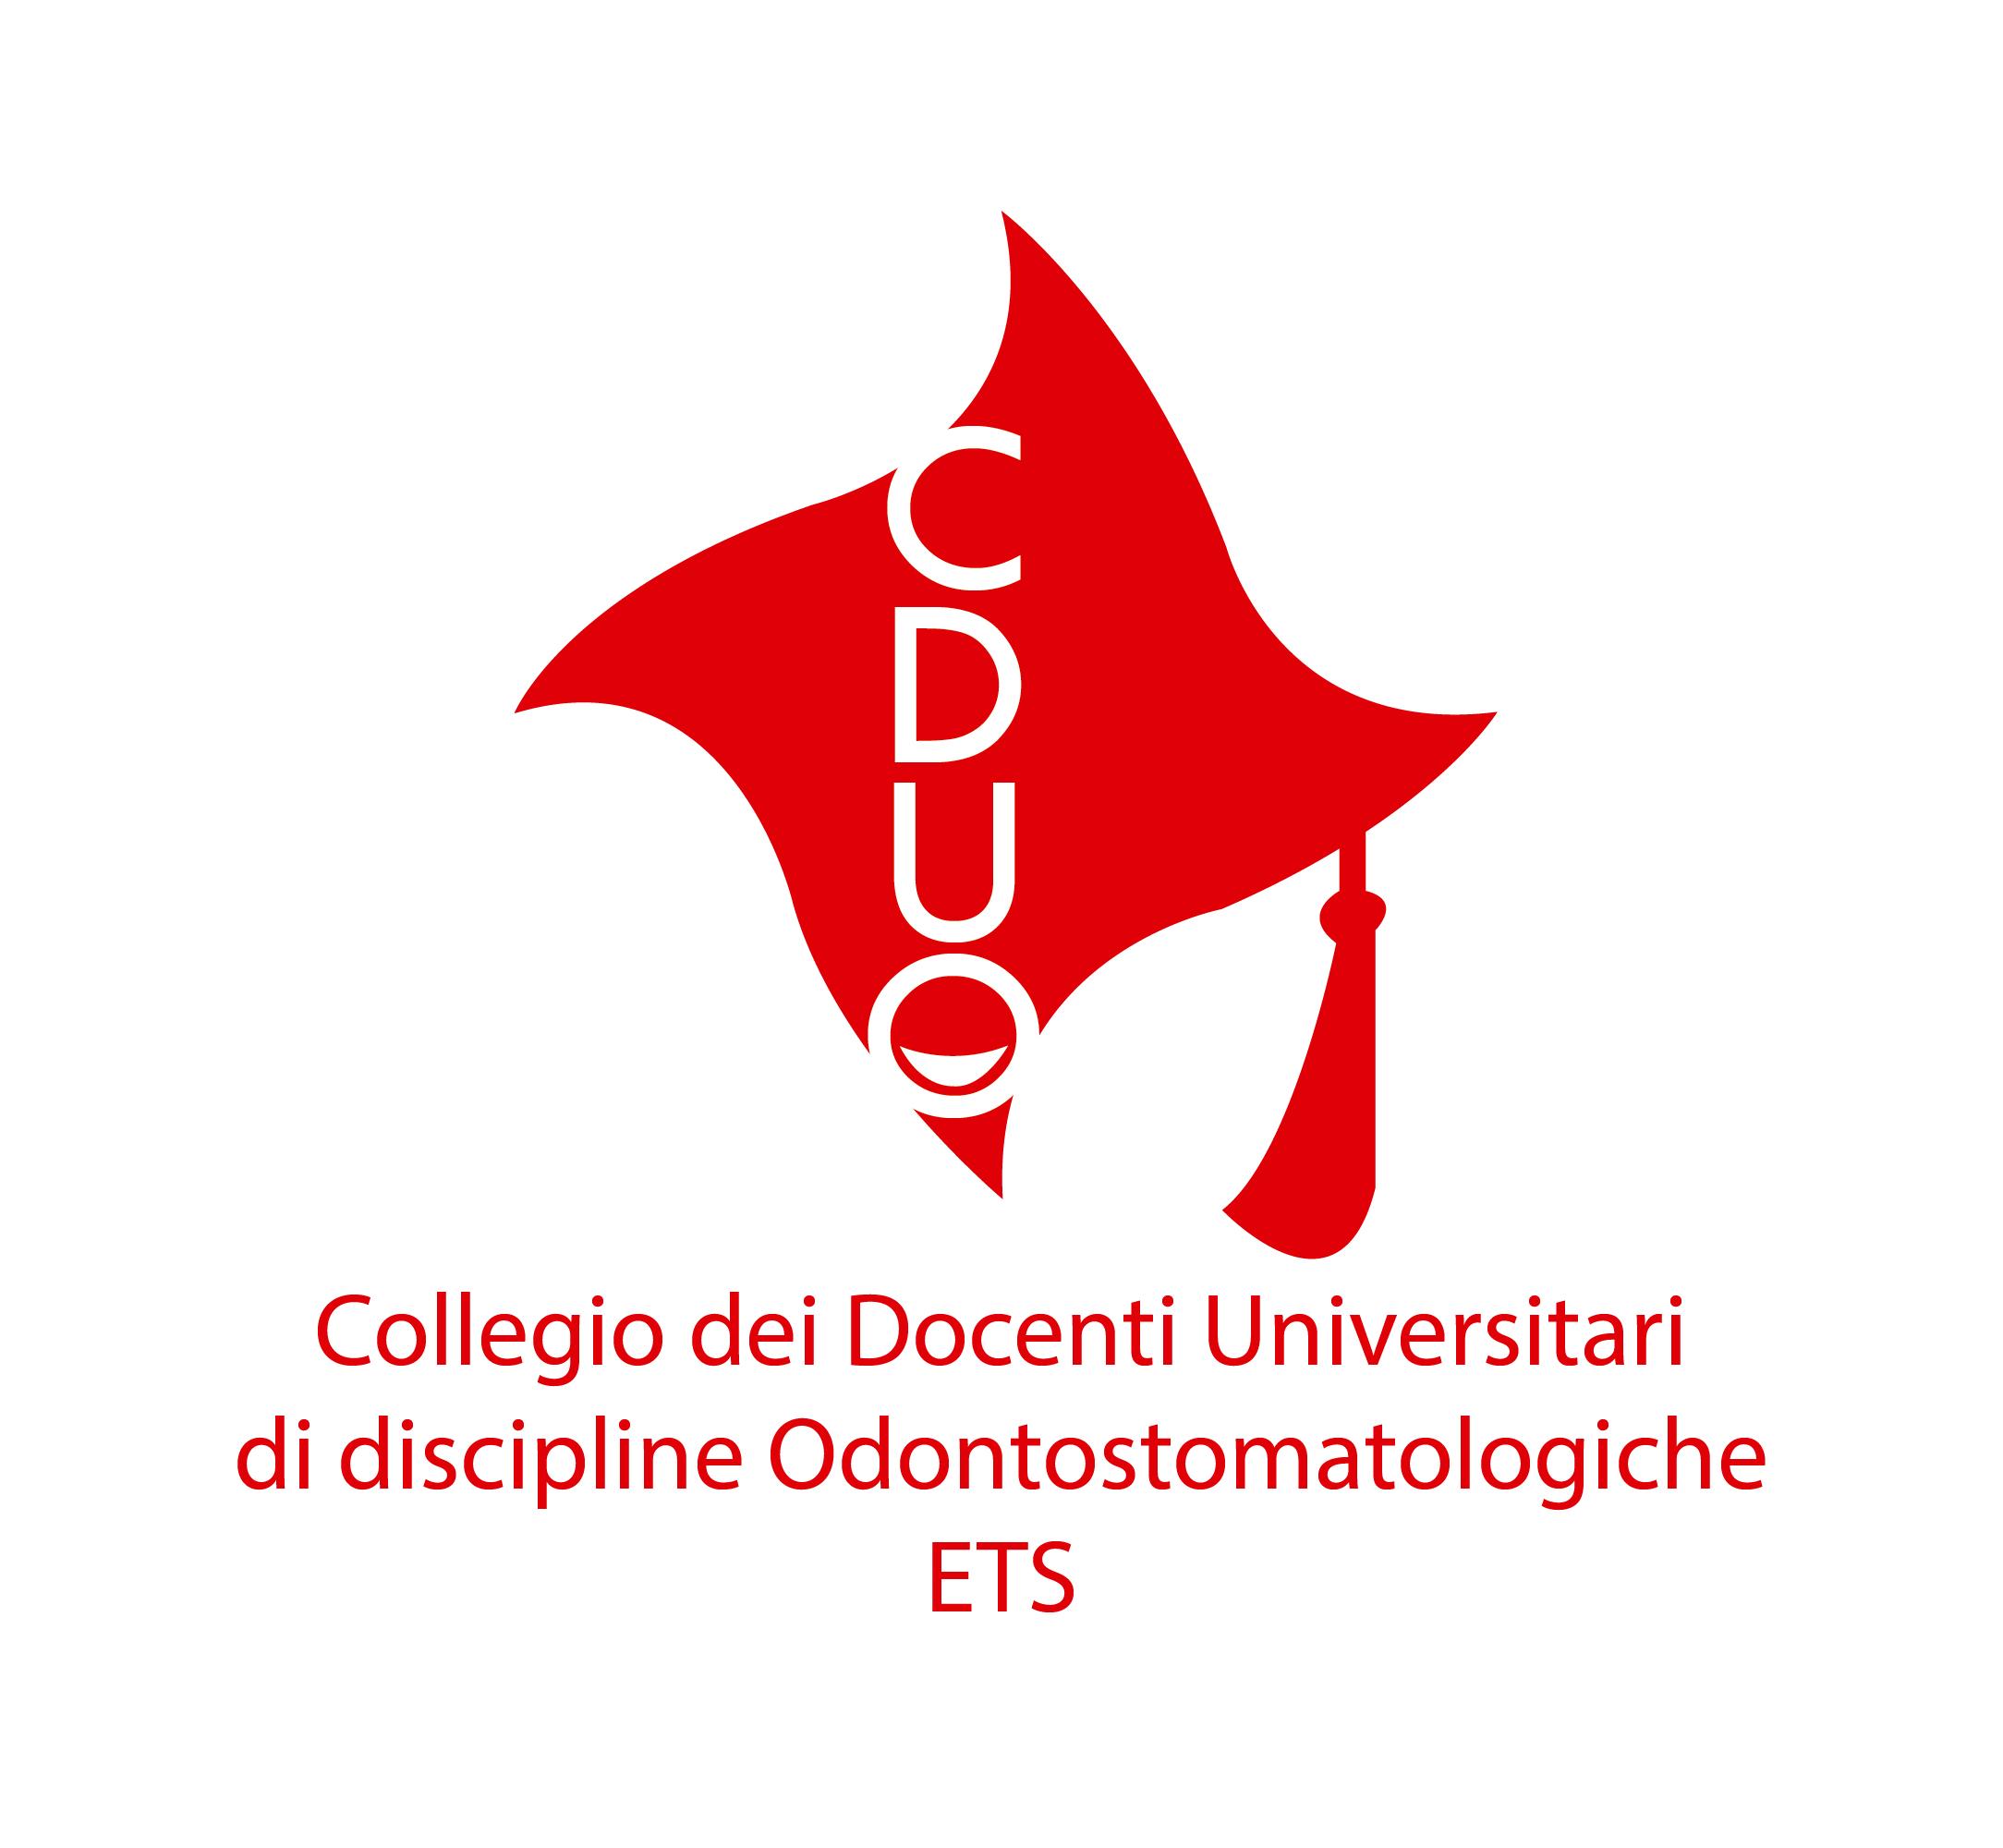 CDUO - Collegio dei Docenti Universitari di discipline Odontostomatologiche